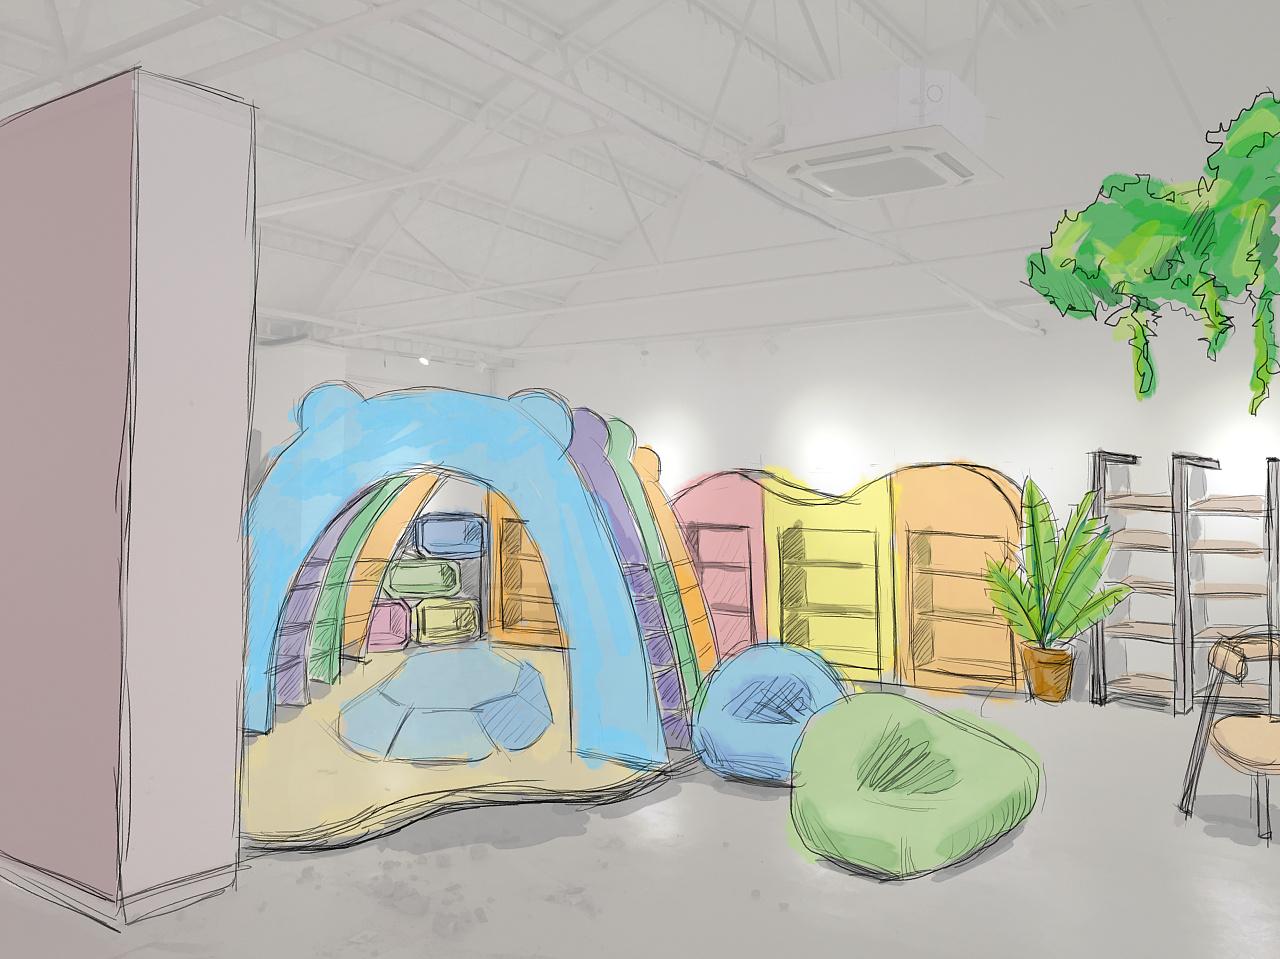 室内设计效果图线手绘_儿童图书馆手绘效果图 空间 室内设计 吉利池昌旭 - 原创作品 ...